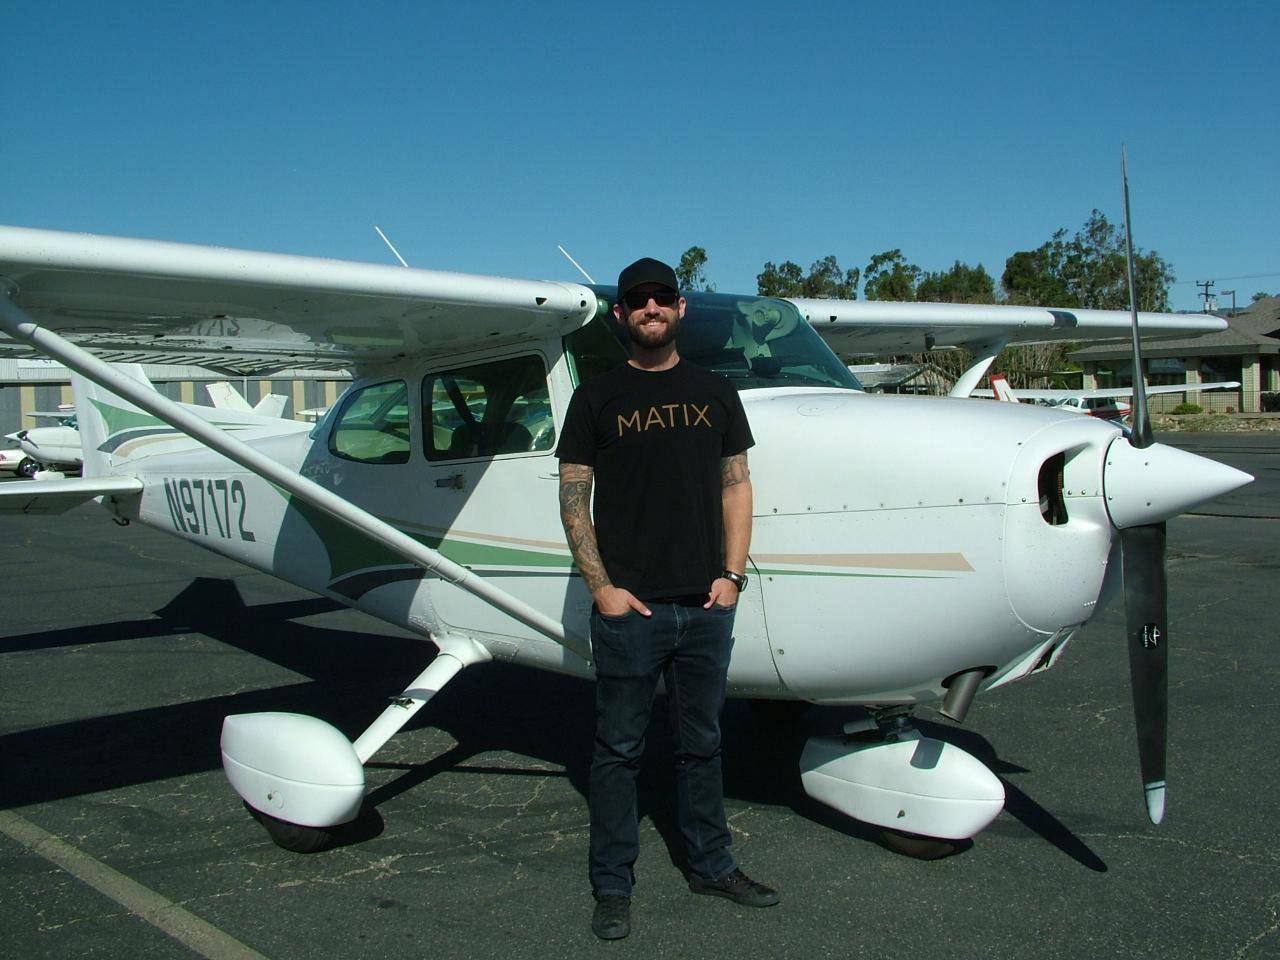 Private Pilot - Brian Nordella